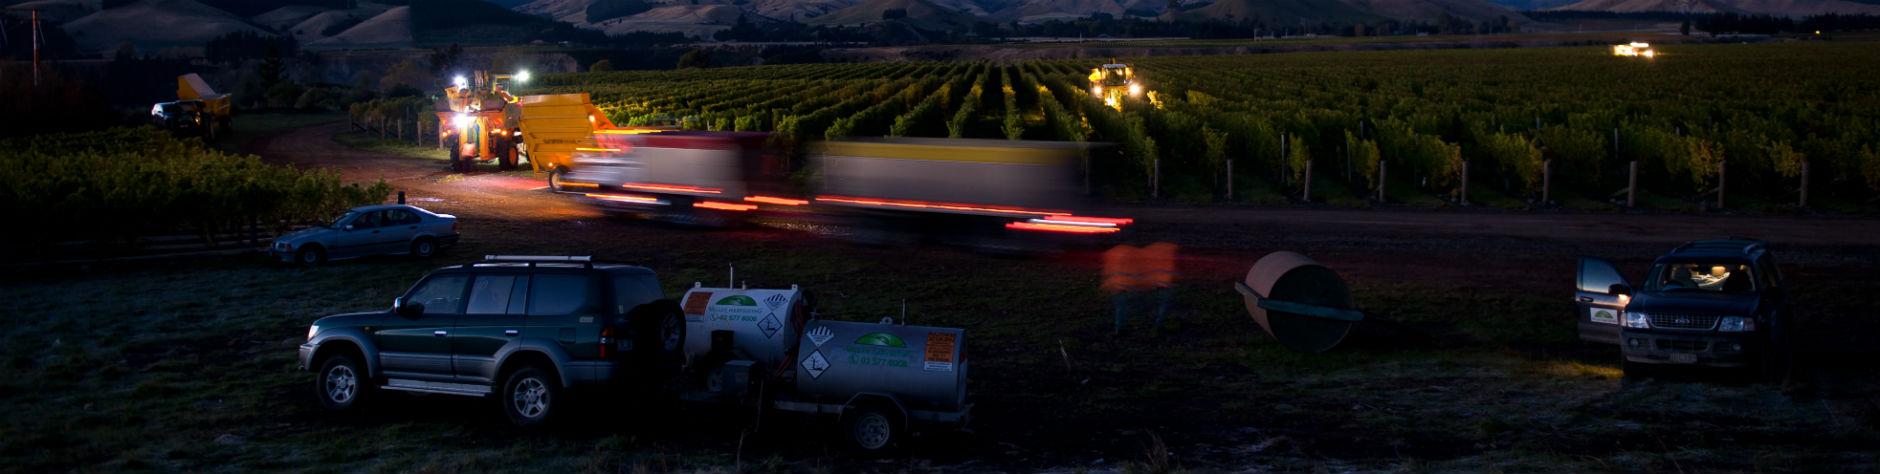 Night-harvest-Dunleavy-DSC_4129